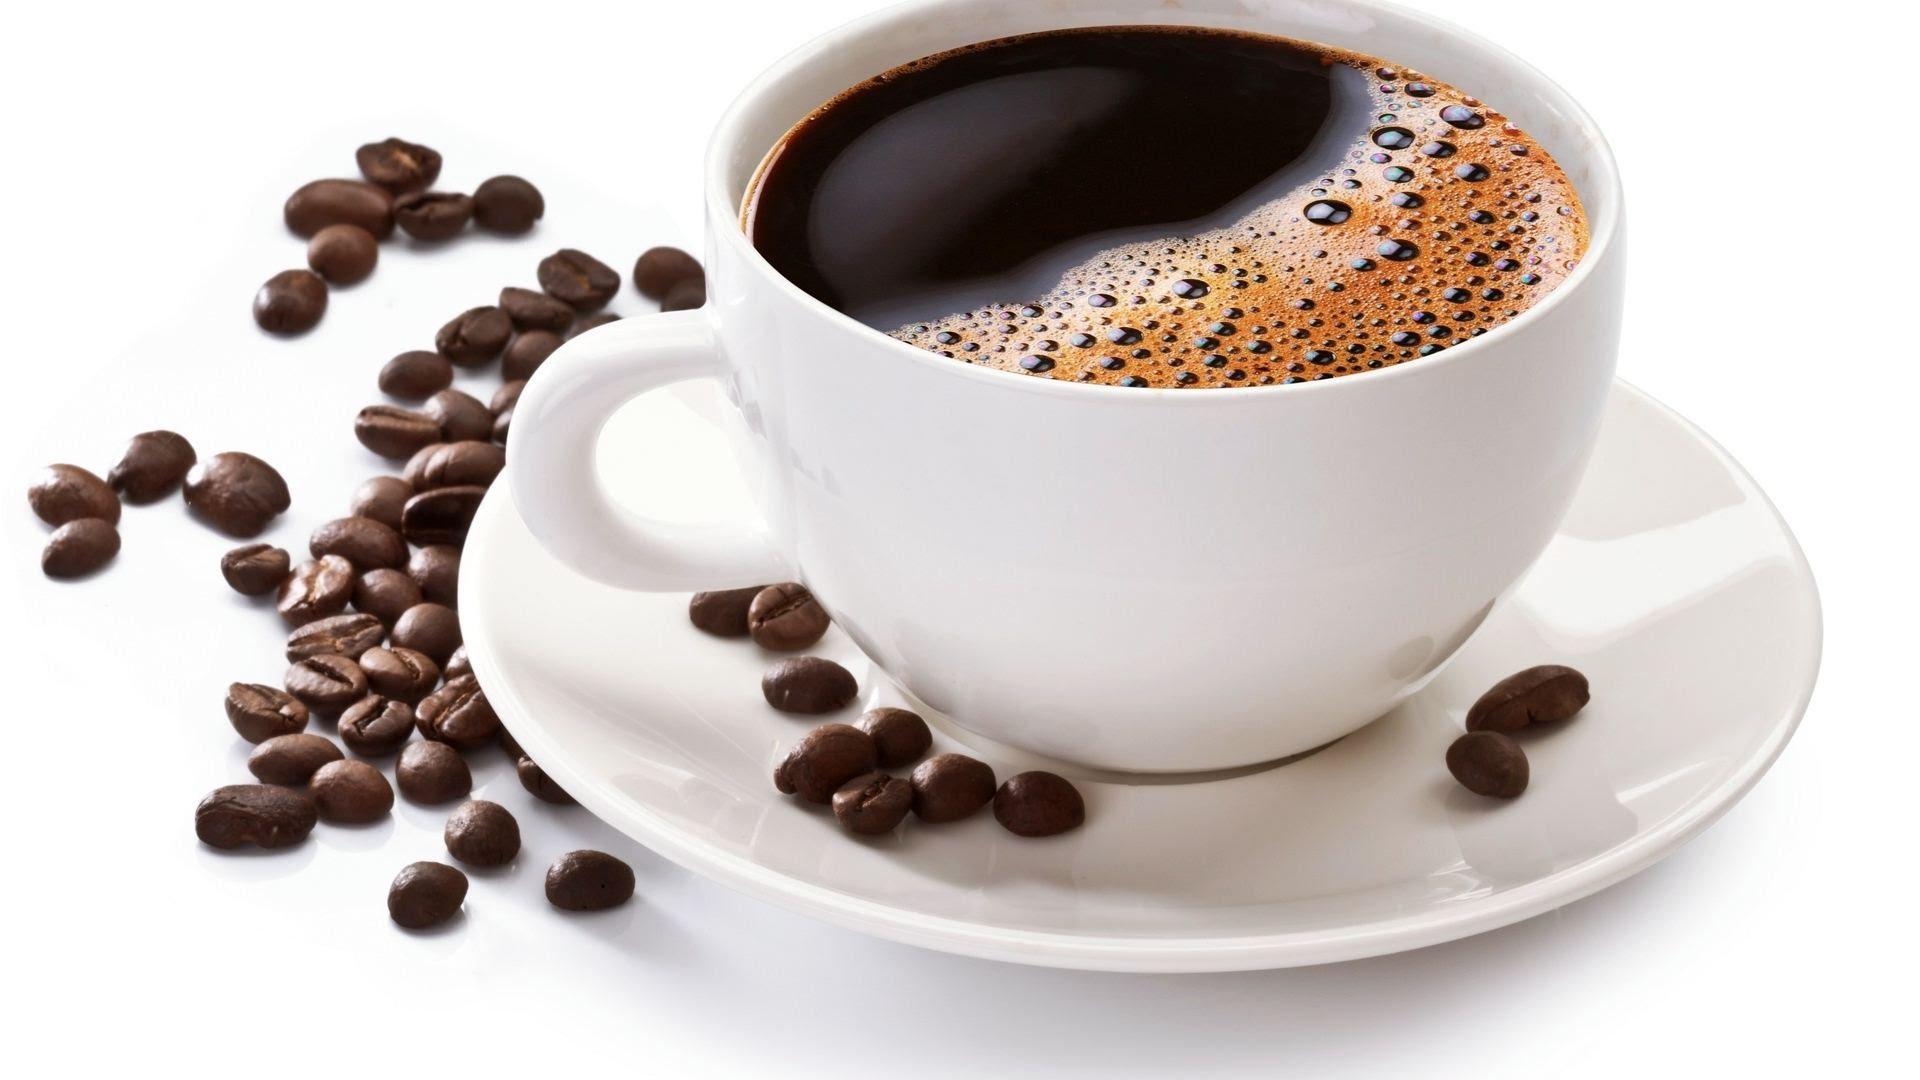 Пейте кофе